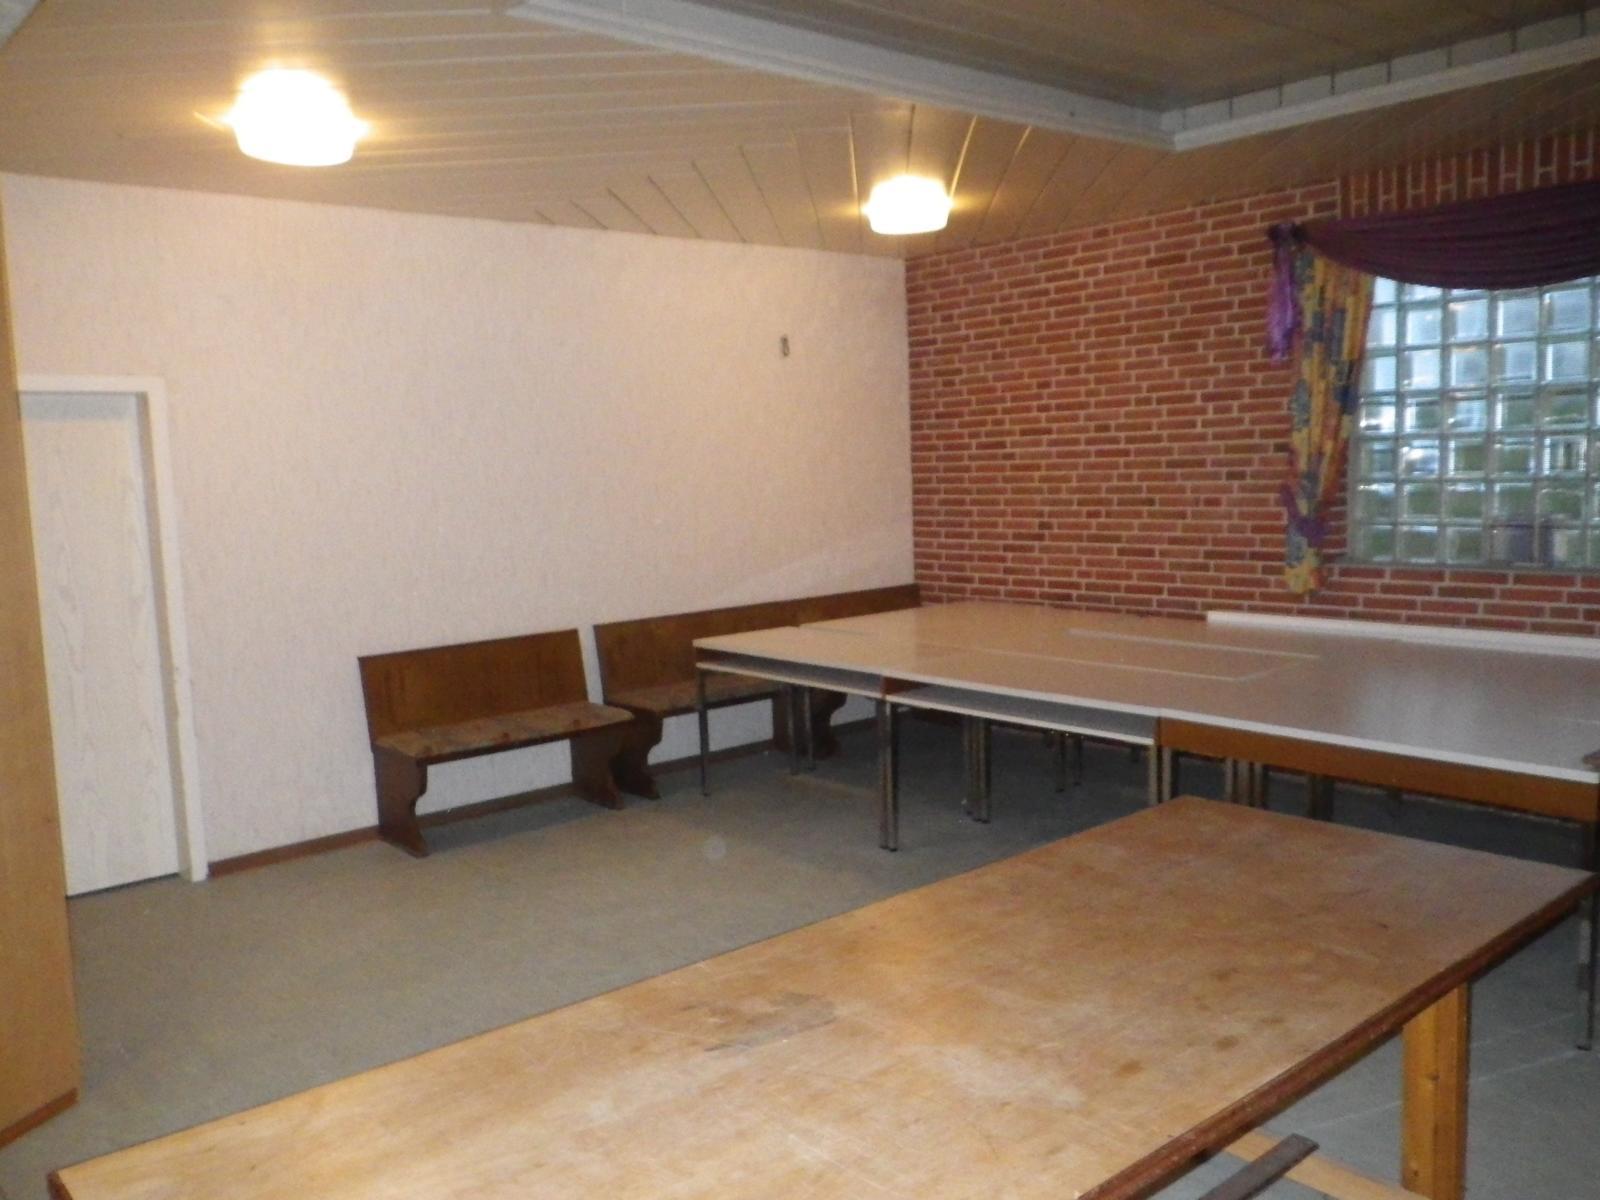 In der späteren Jugendgruppe stehen noch einige Tische, die weggeräumt werden müssen.